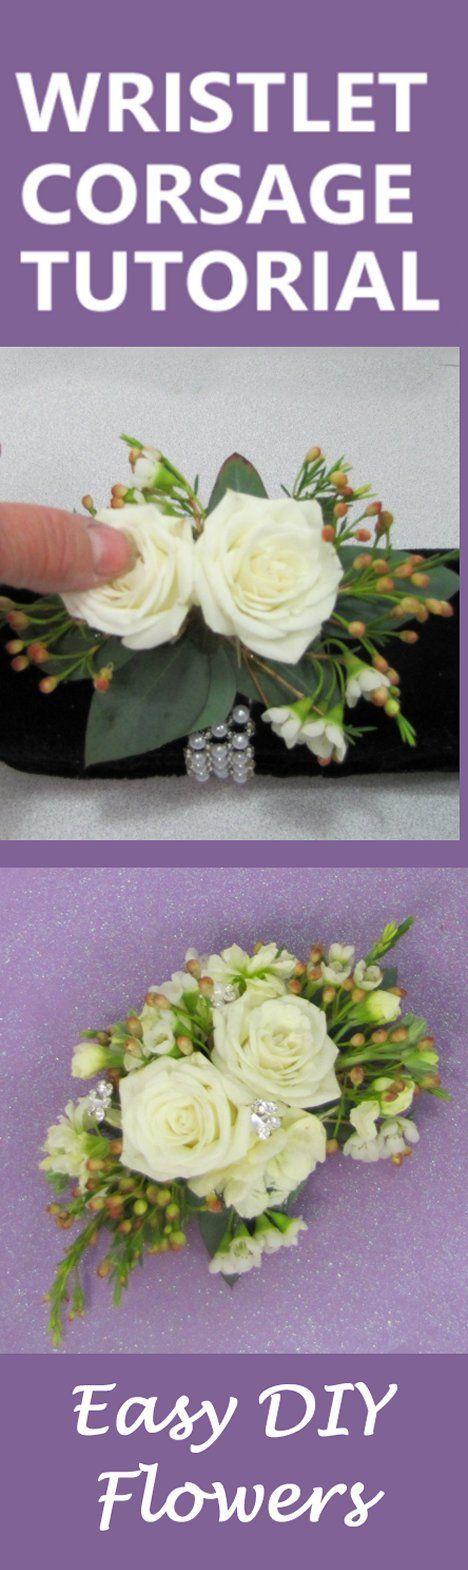 Best 20 Wrist Corsage Wedding Ideas On Pinterest